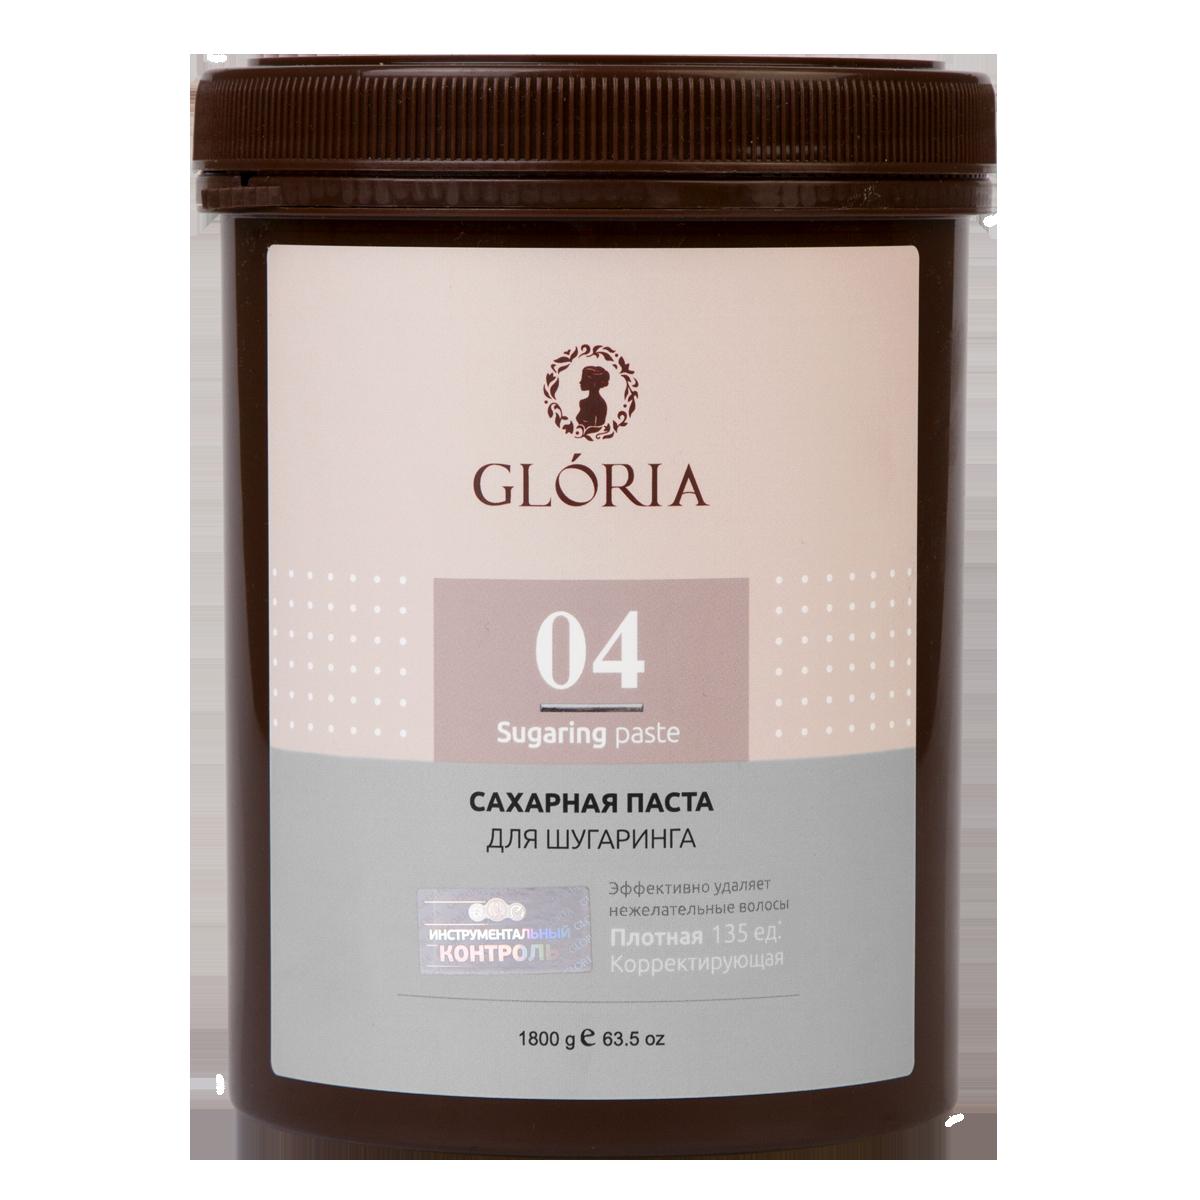 GLORIA Паста сахарная плотная для депиляции 1,8 кг